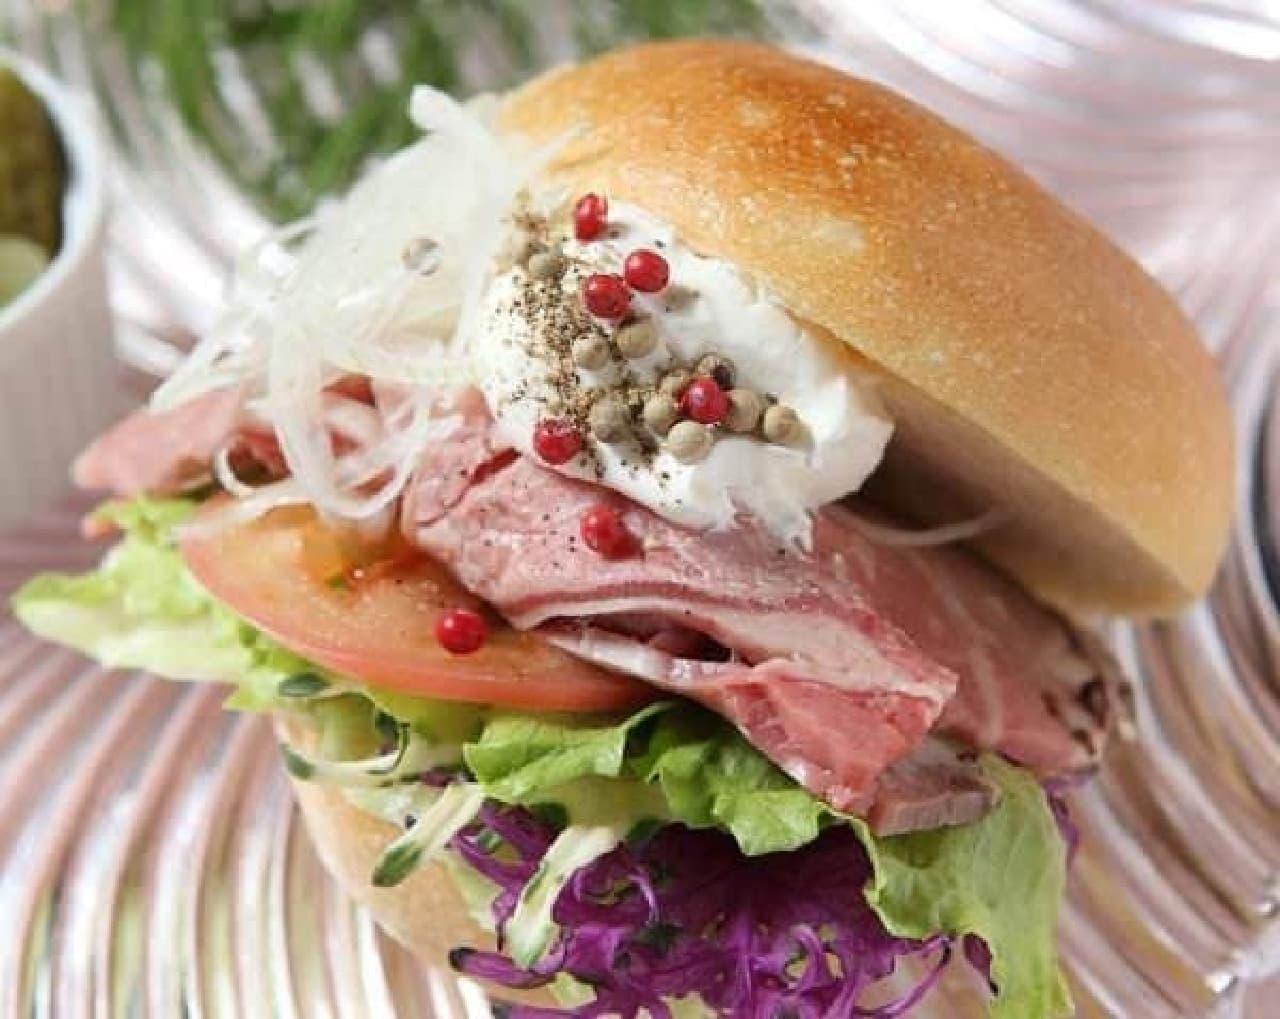 大阪産の黒毛和牛を使った「ザ・大阪サンドイッチ」が味わえる